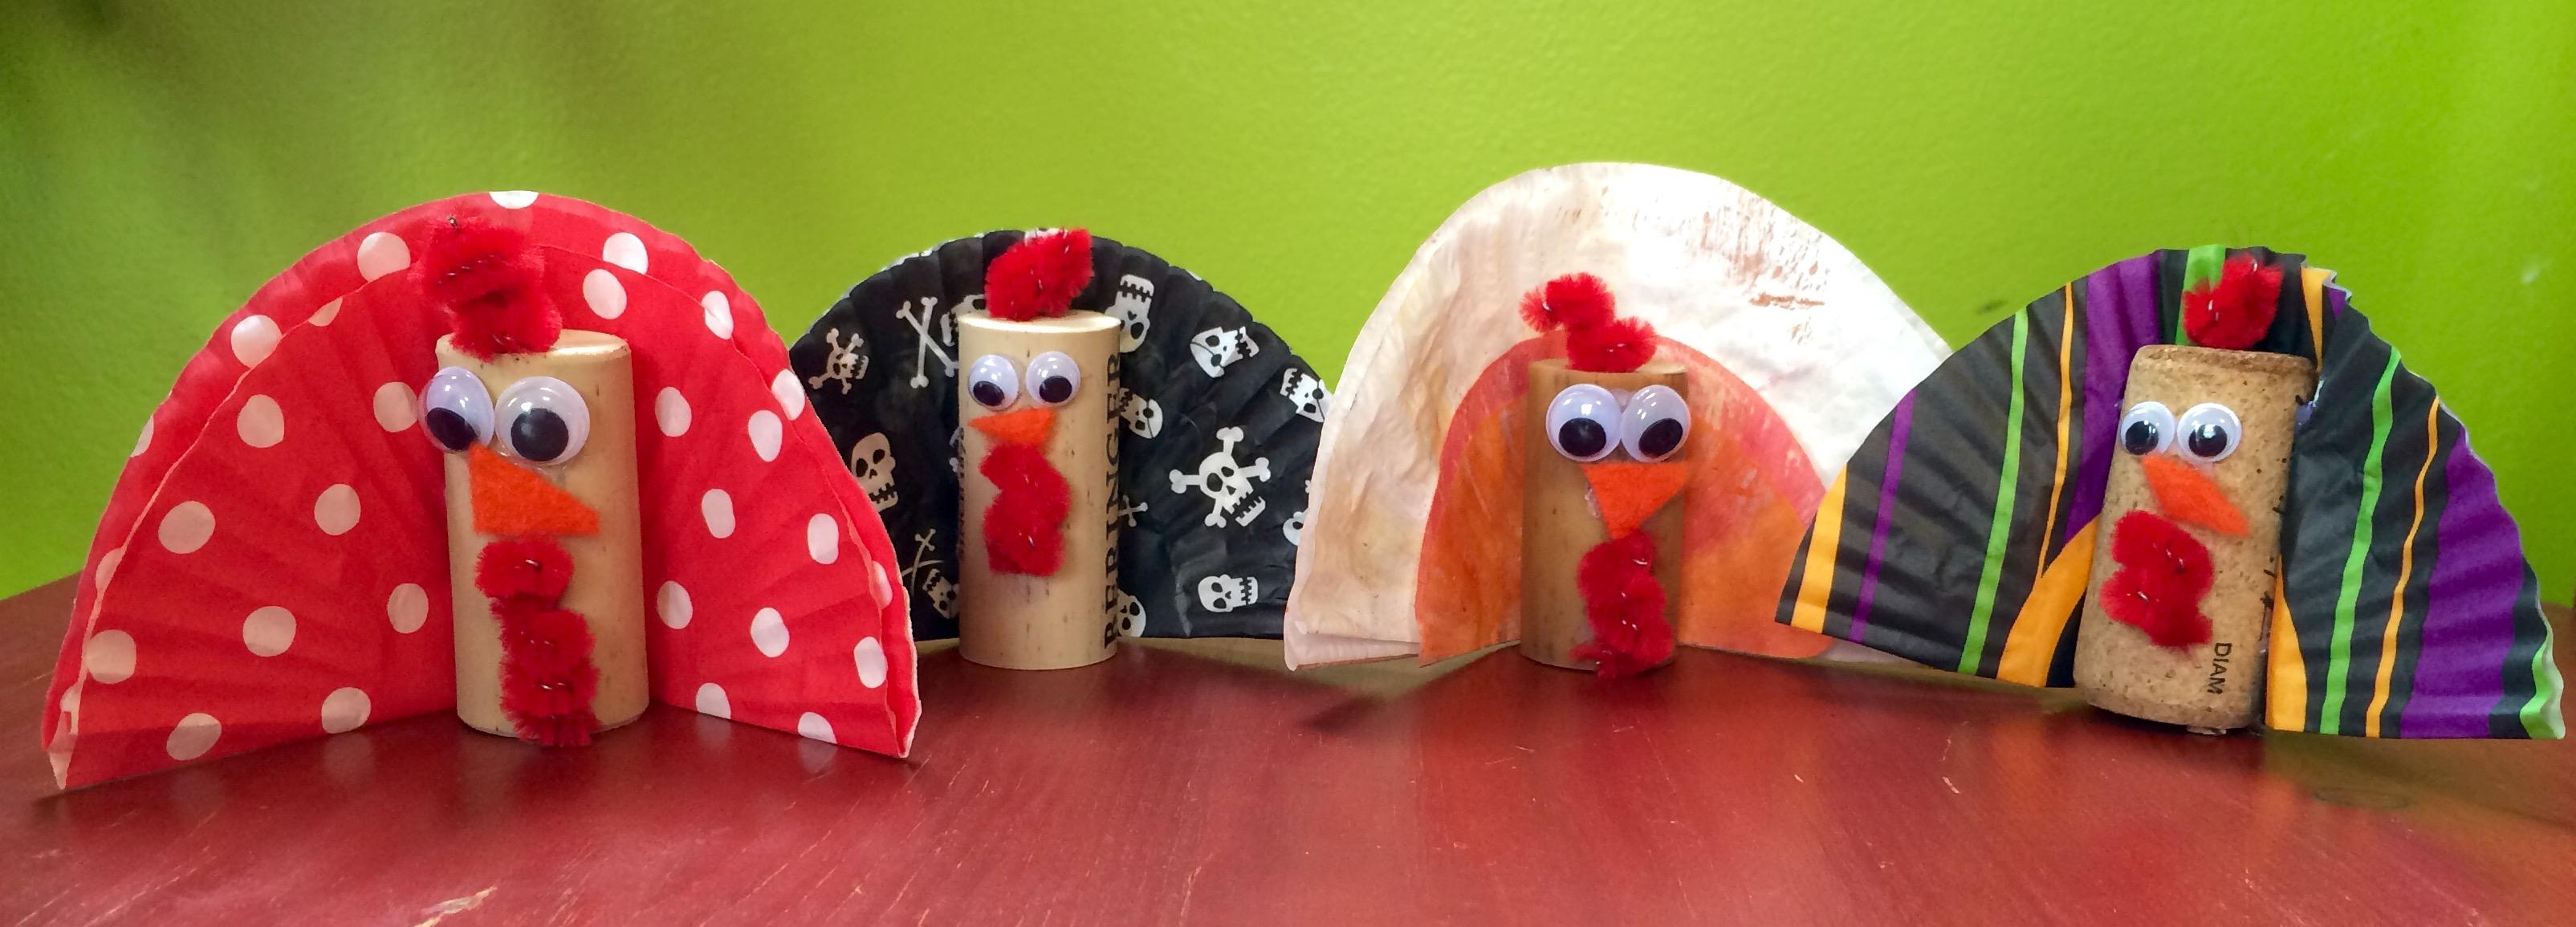 wine cork turkey craft thanksgiving